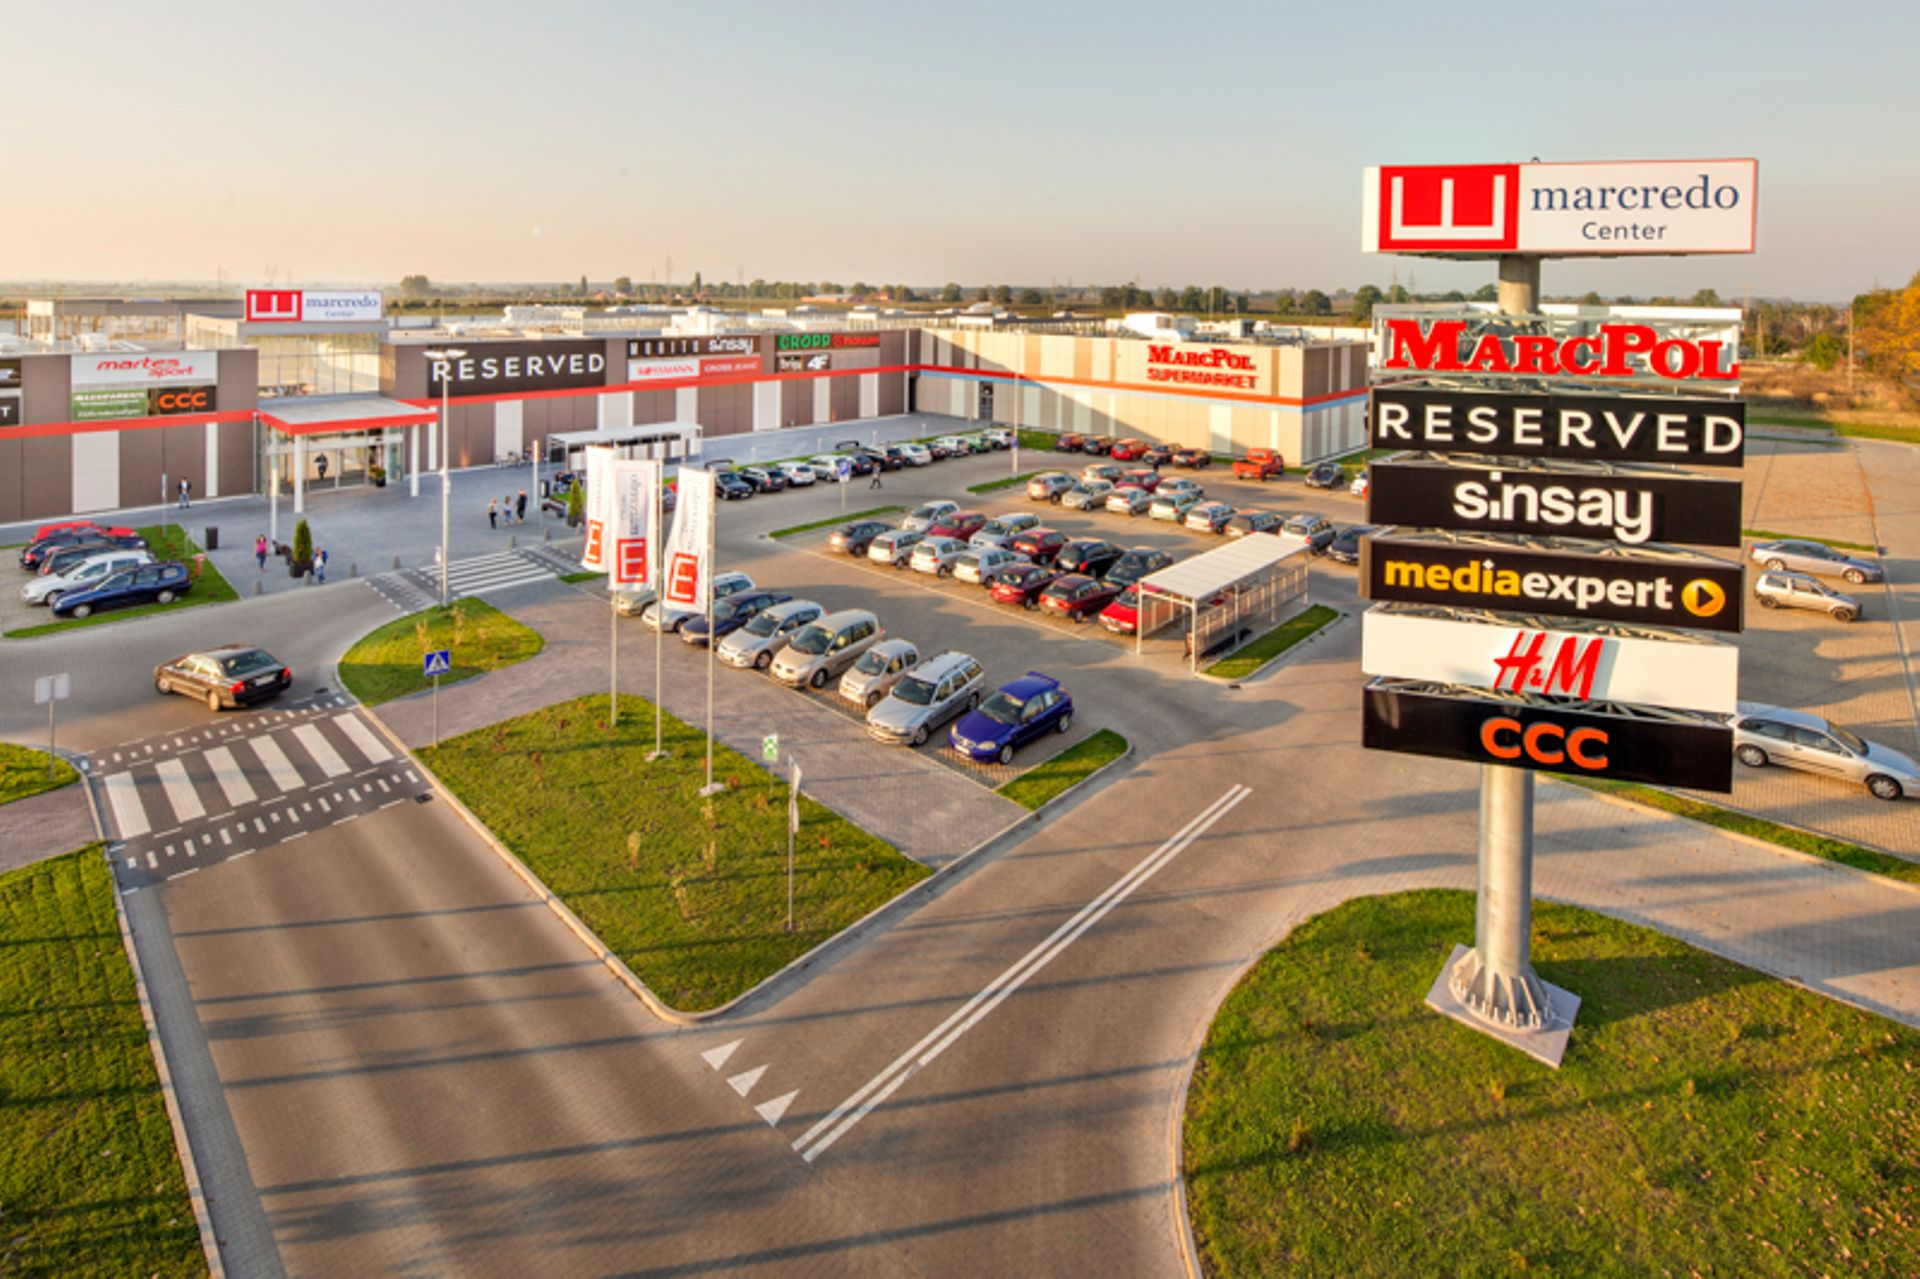 [łódzkie] Galeria MMG Centers Kutno otworzy nowy supermarket